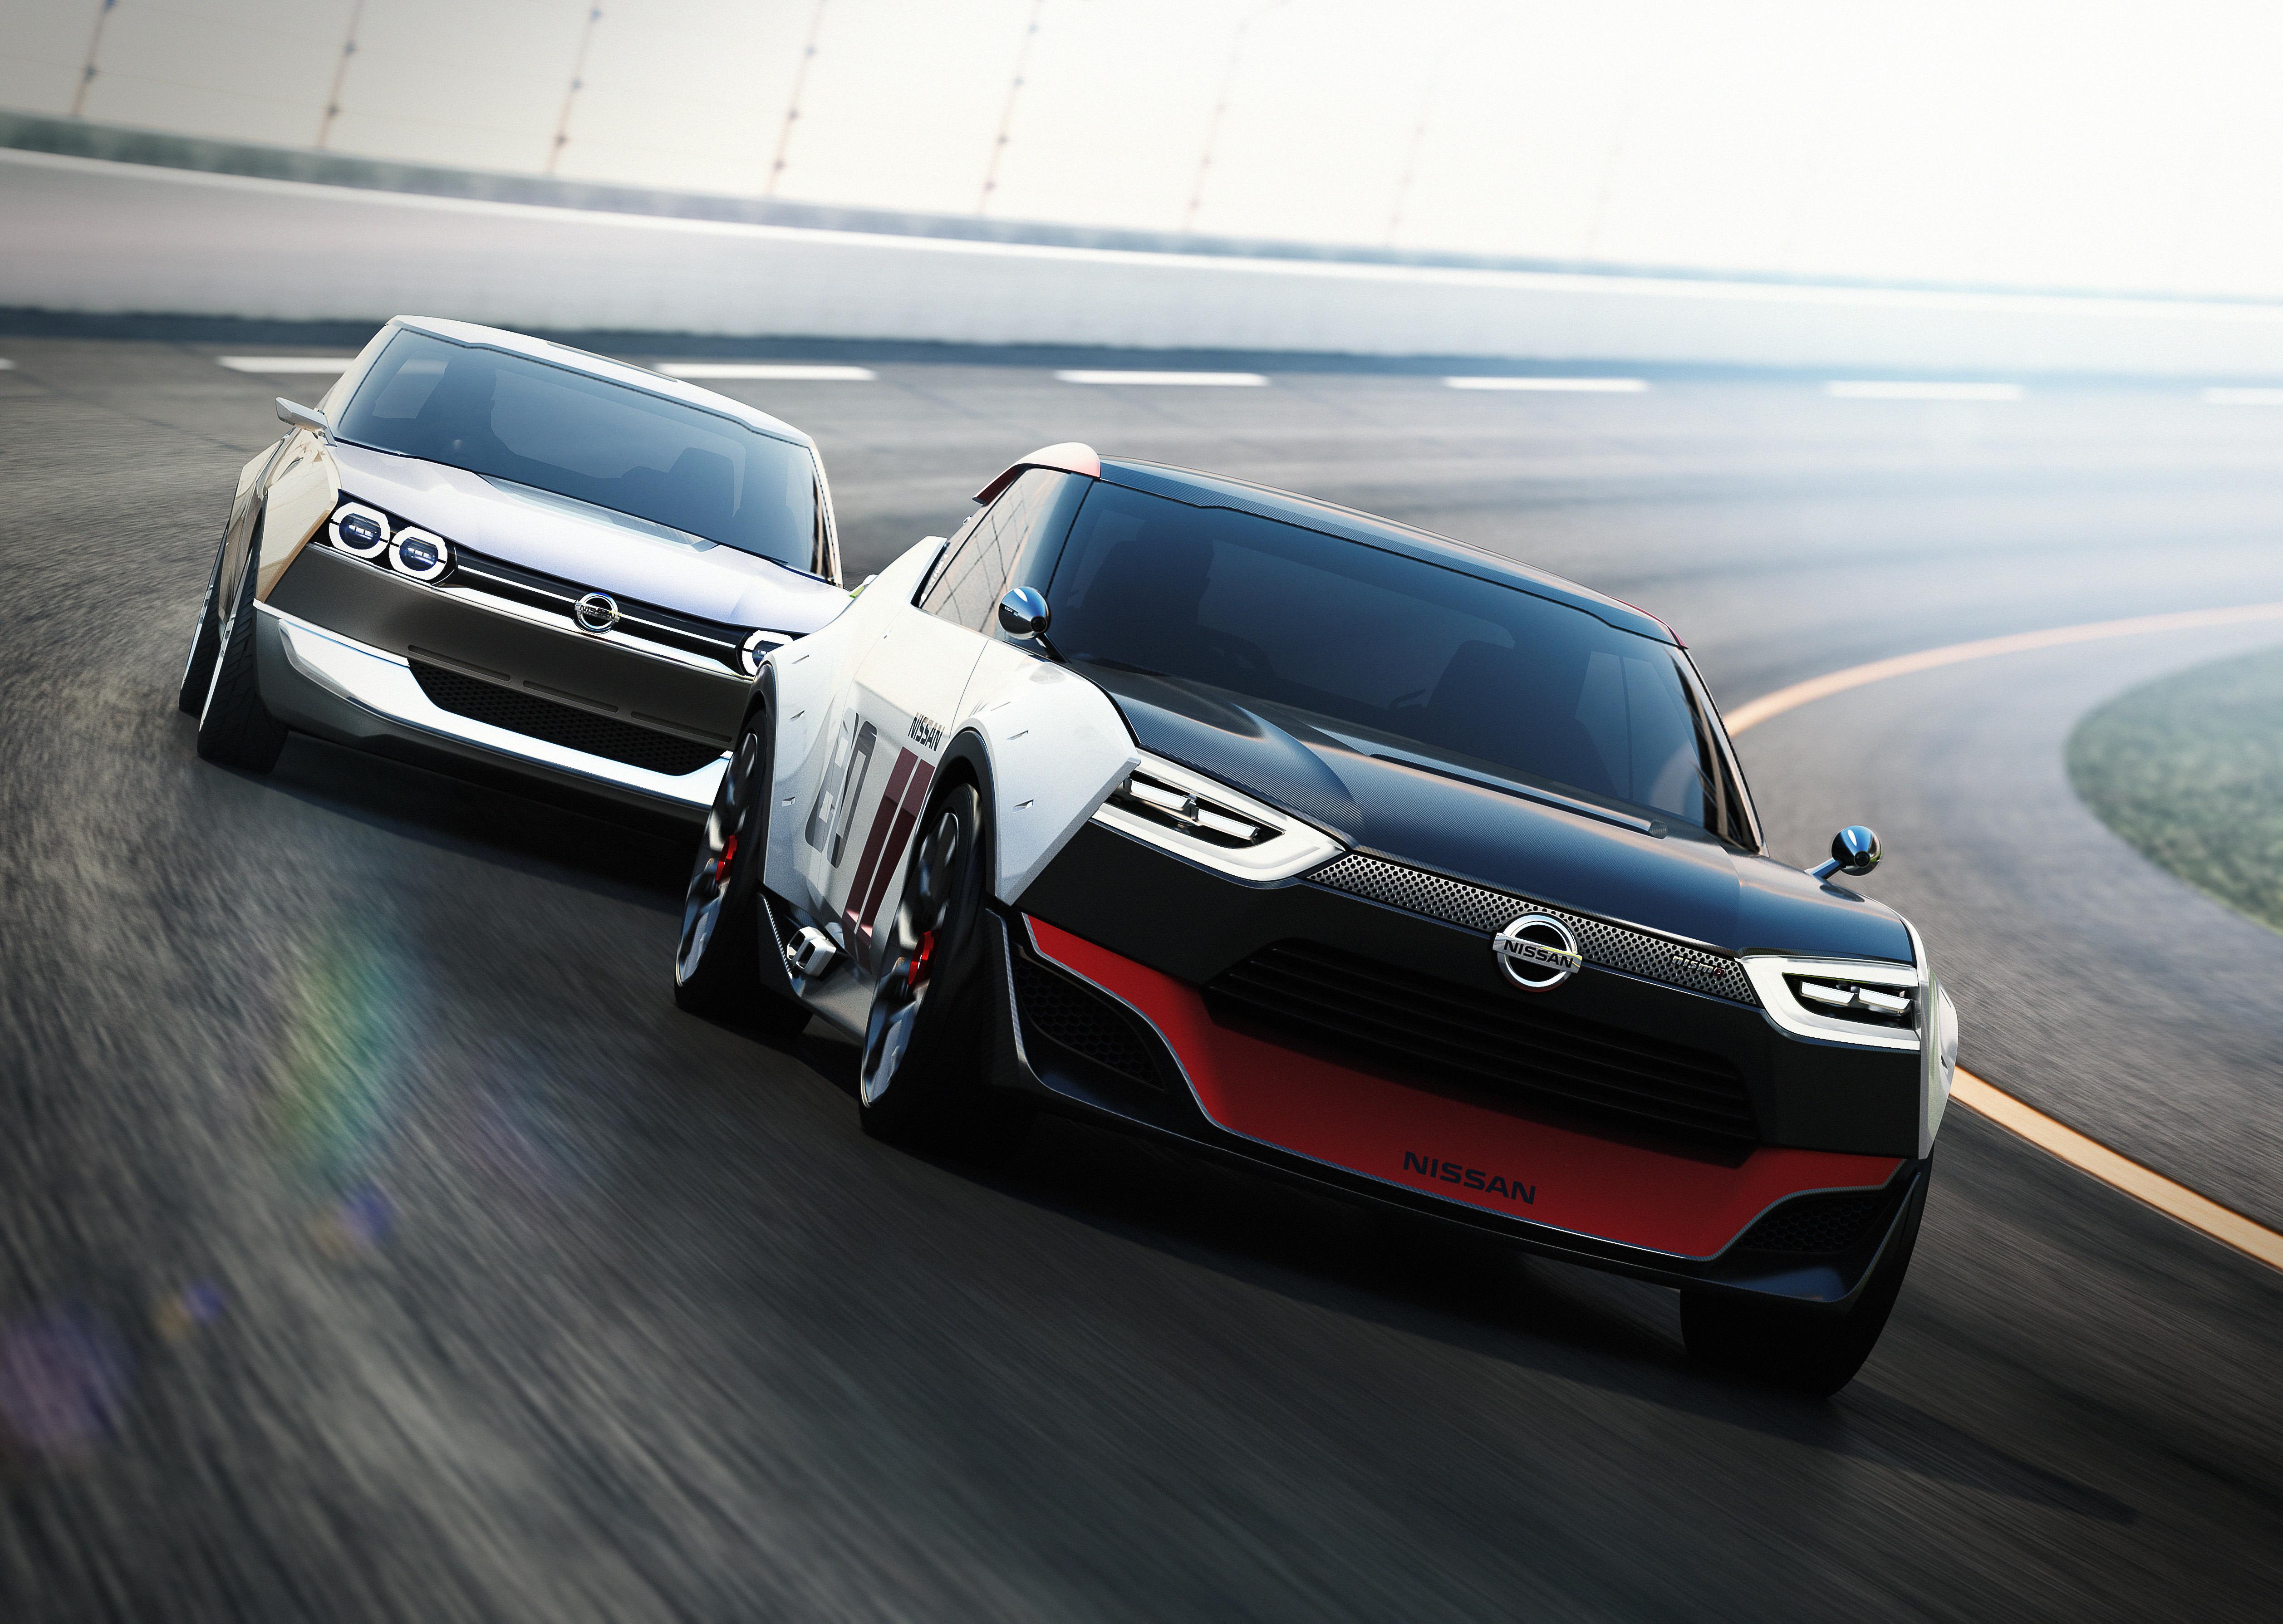 [Image: S0-Nissan-IDx-c-est-non-354235.jpg]